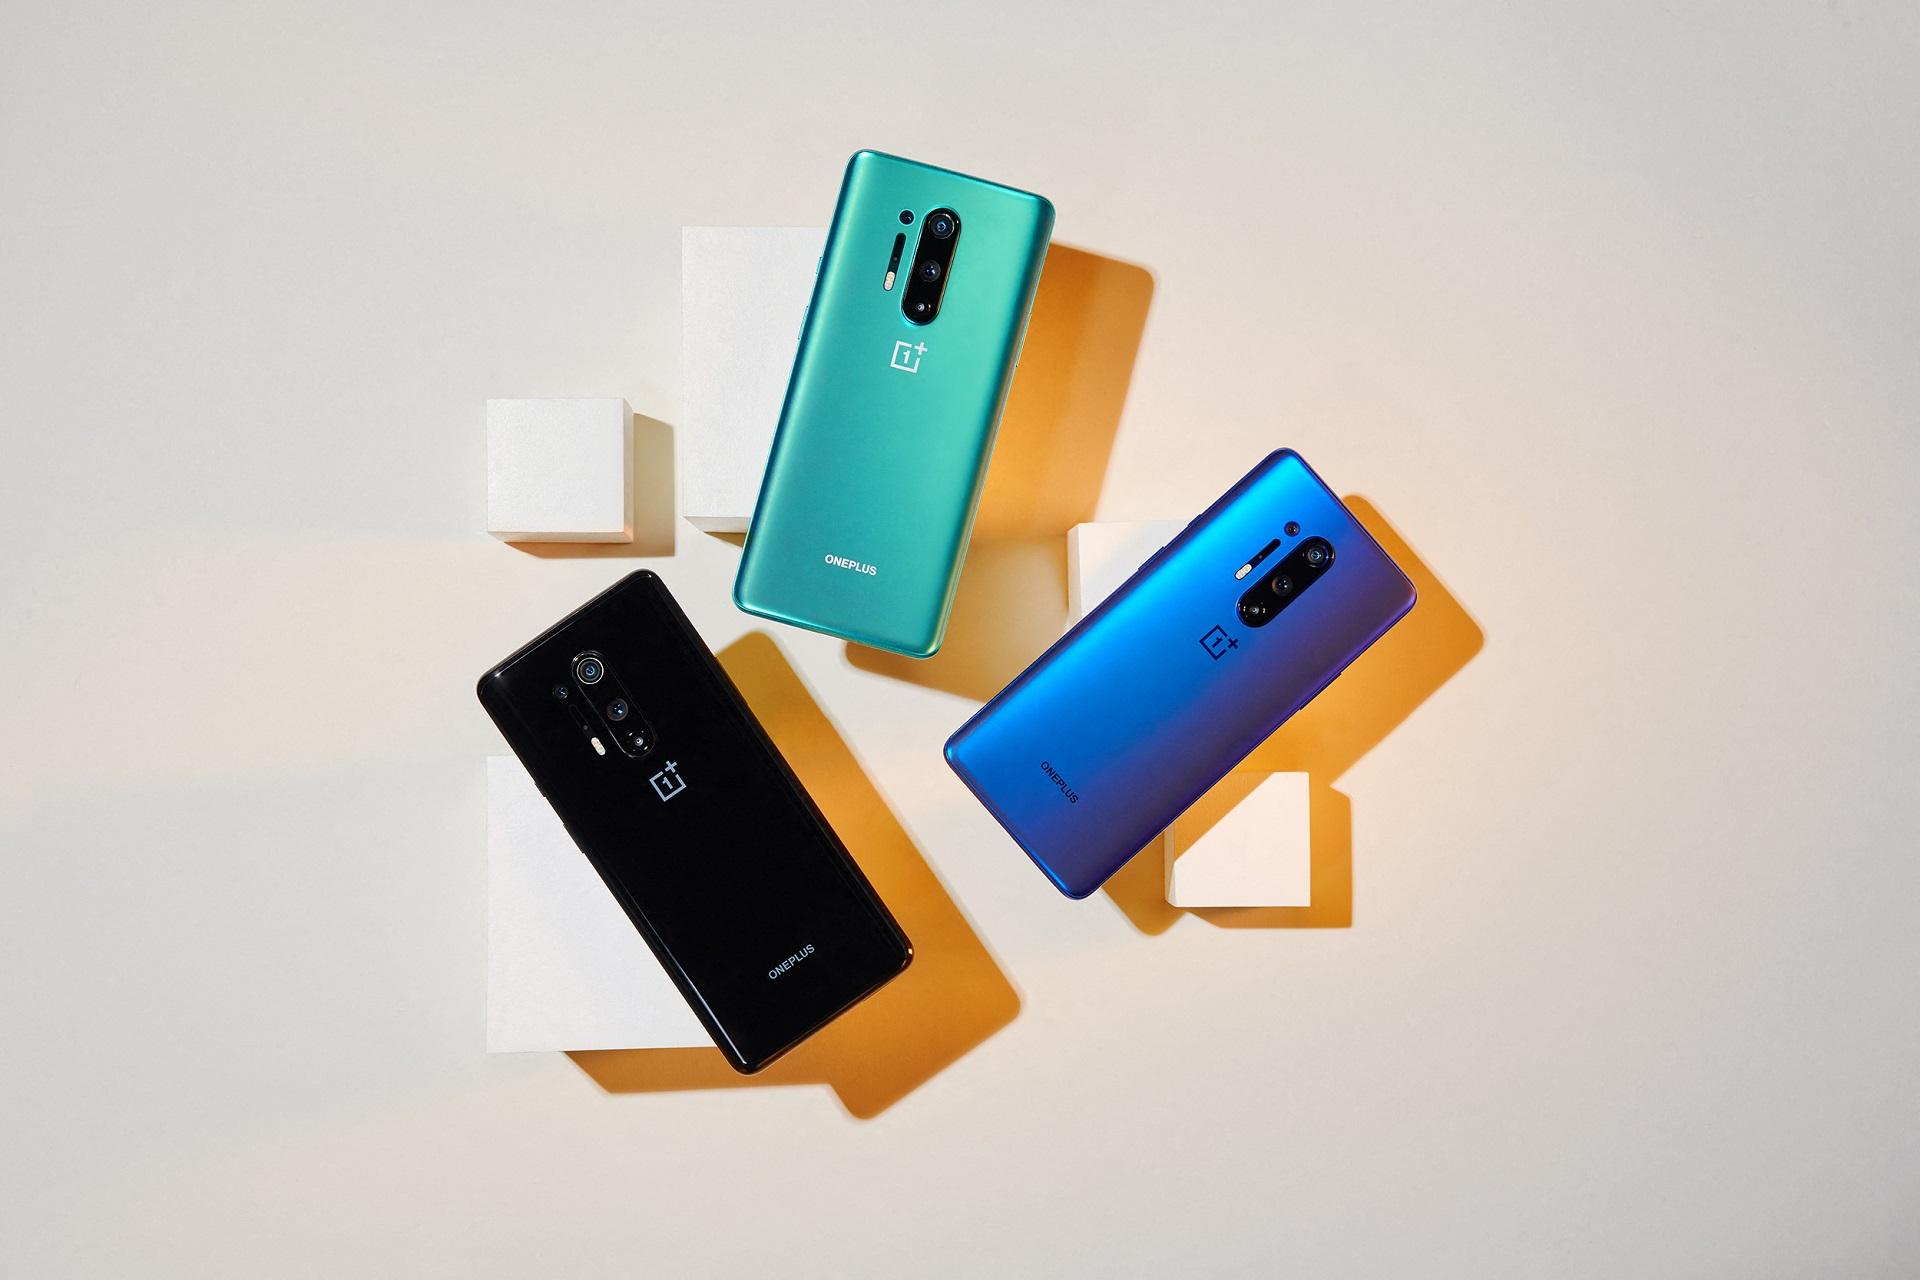 OnePlus 8 et 8 Pro officiellement présentés: une sérieuse montée en gamme